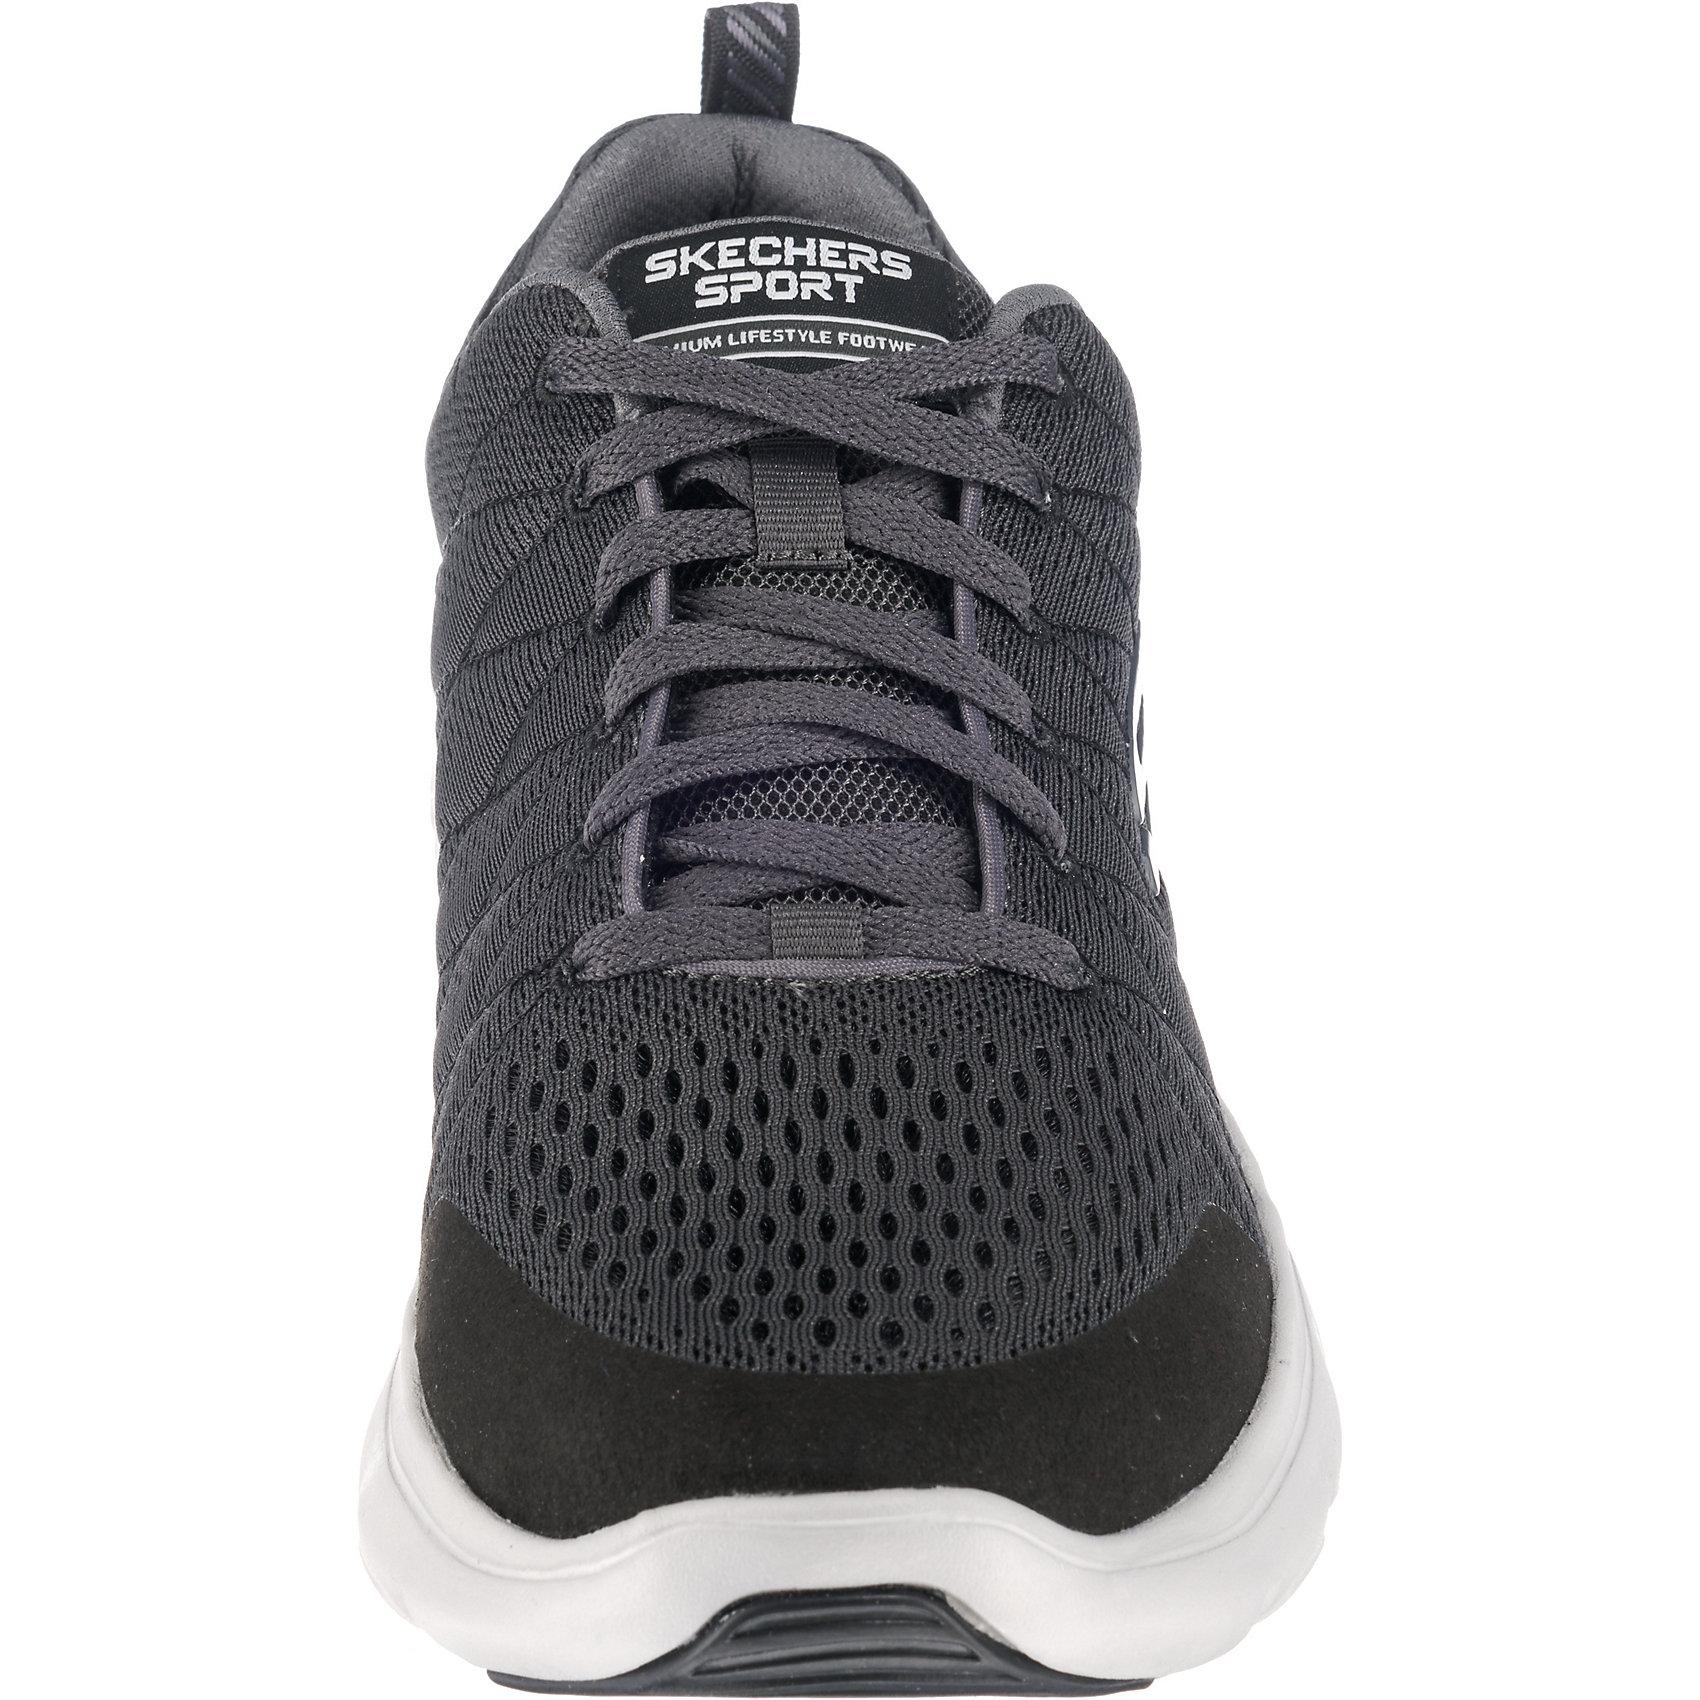 MARAUDER - Sneaker low - gray f3Wrmzy